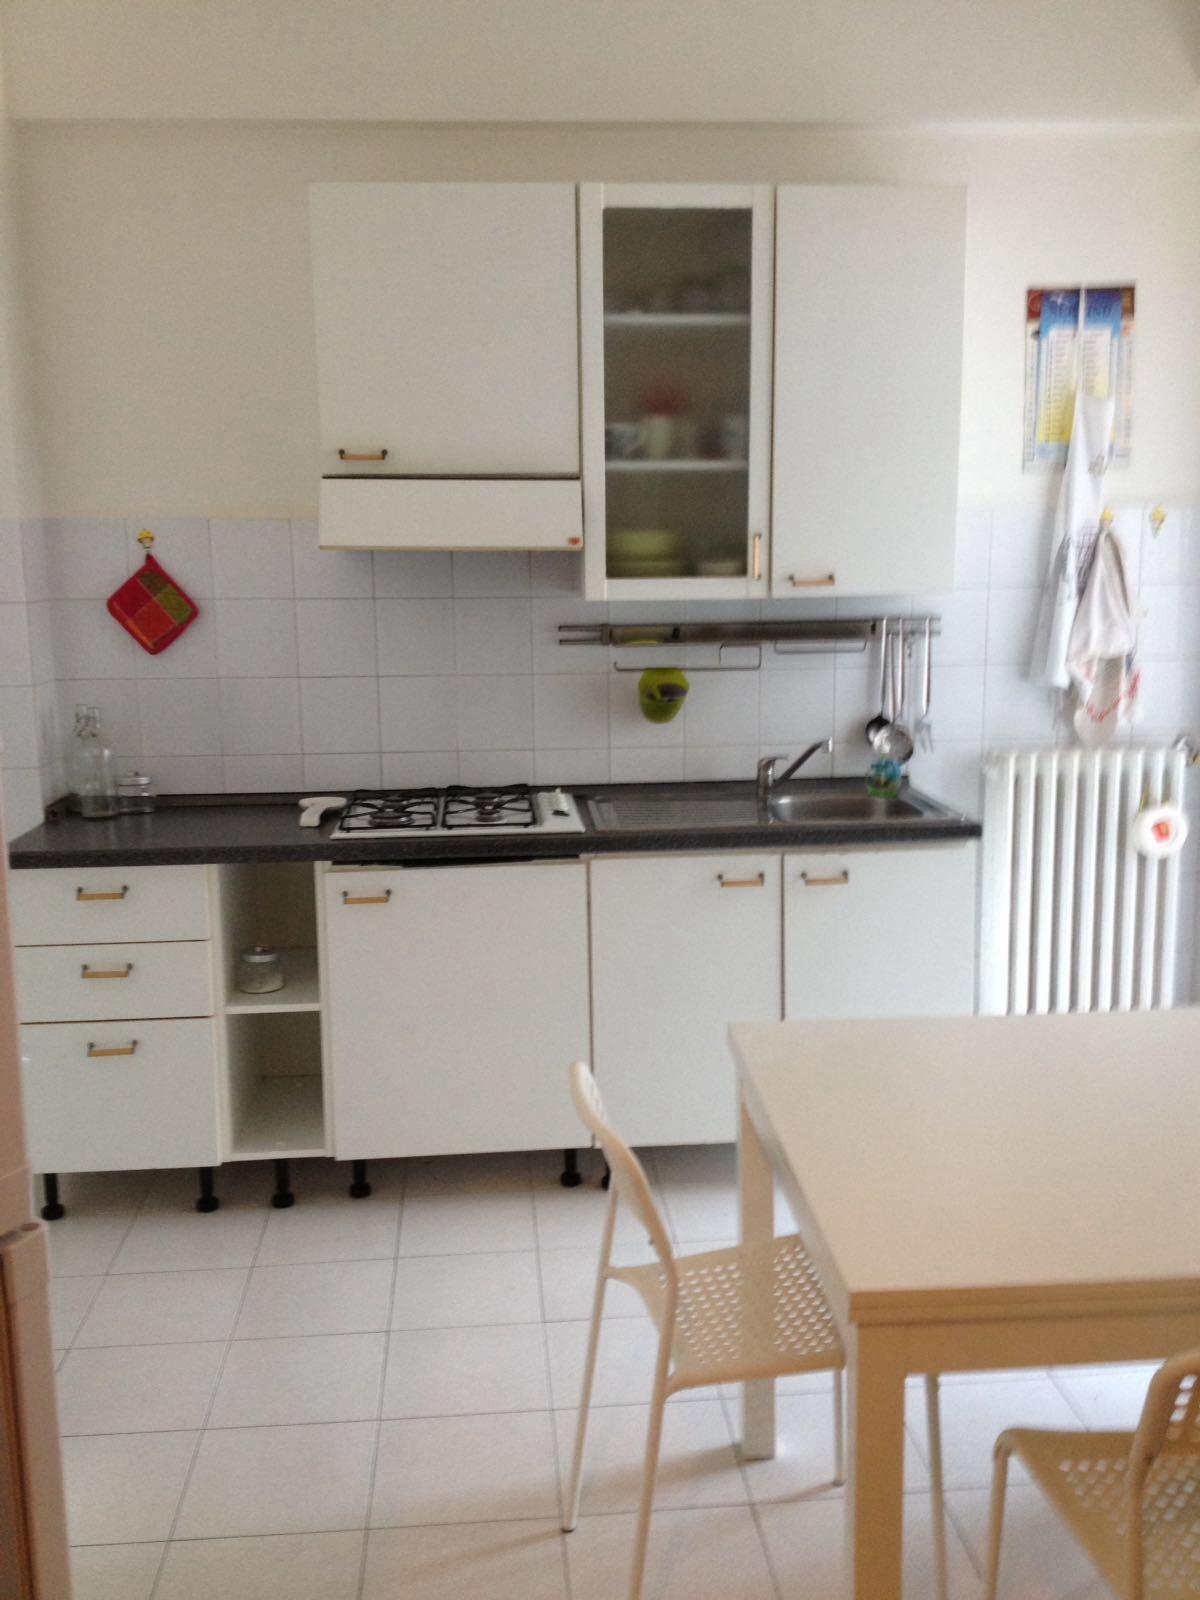 Appartamento in affitto a Ancona, 5 locali, zona Zona: Grazie, prezzo € 500 | CambioCasa.it